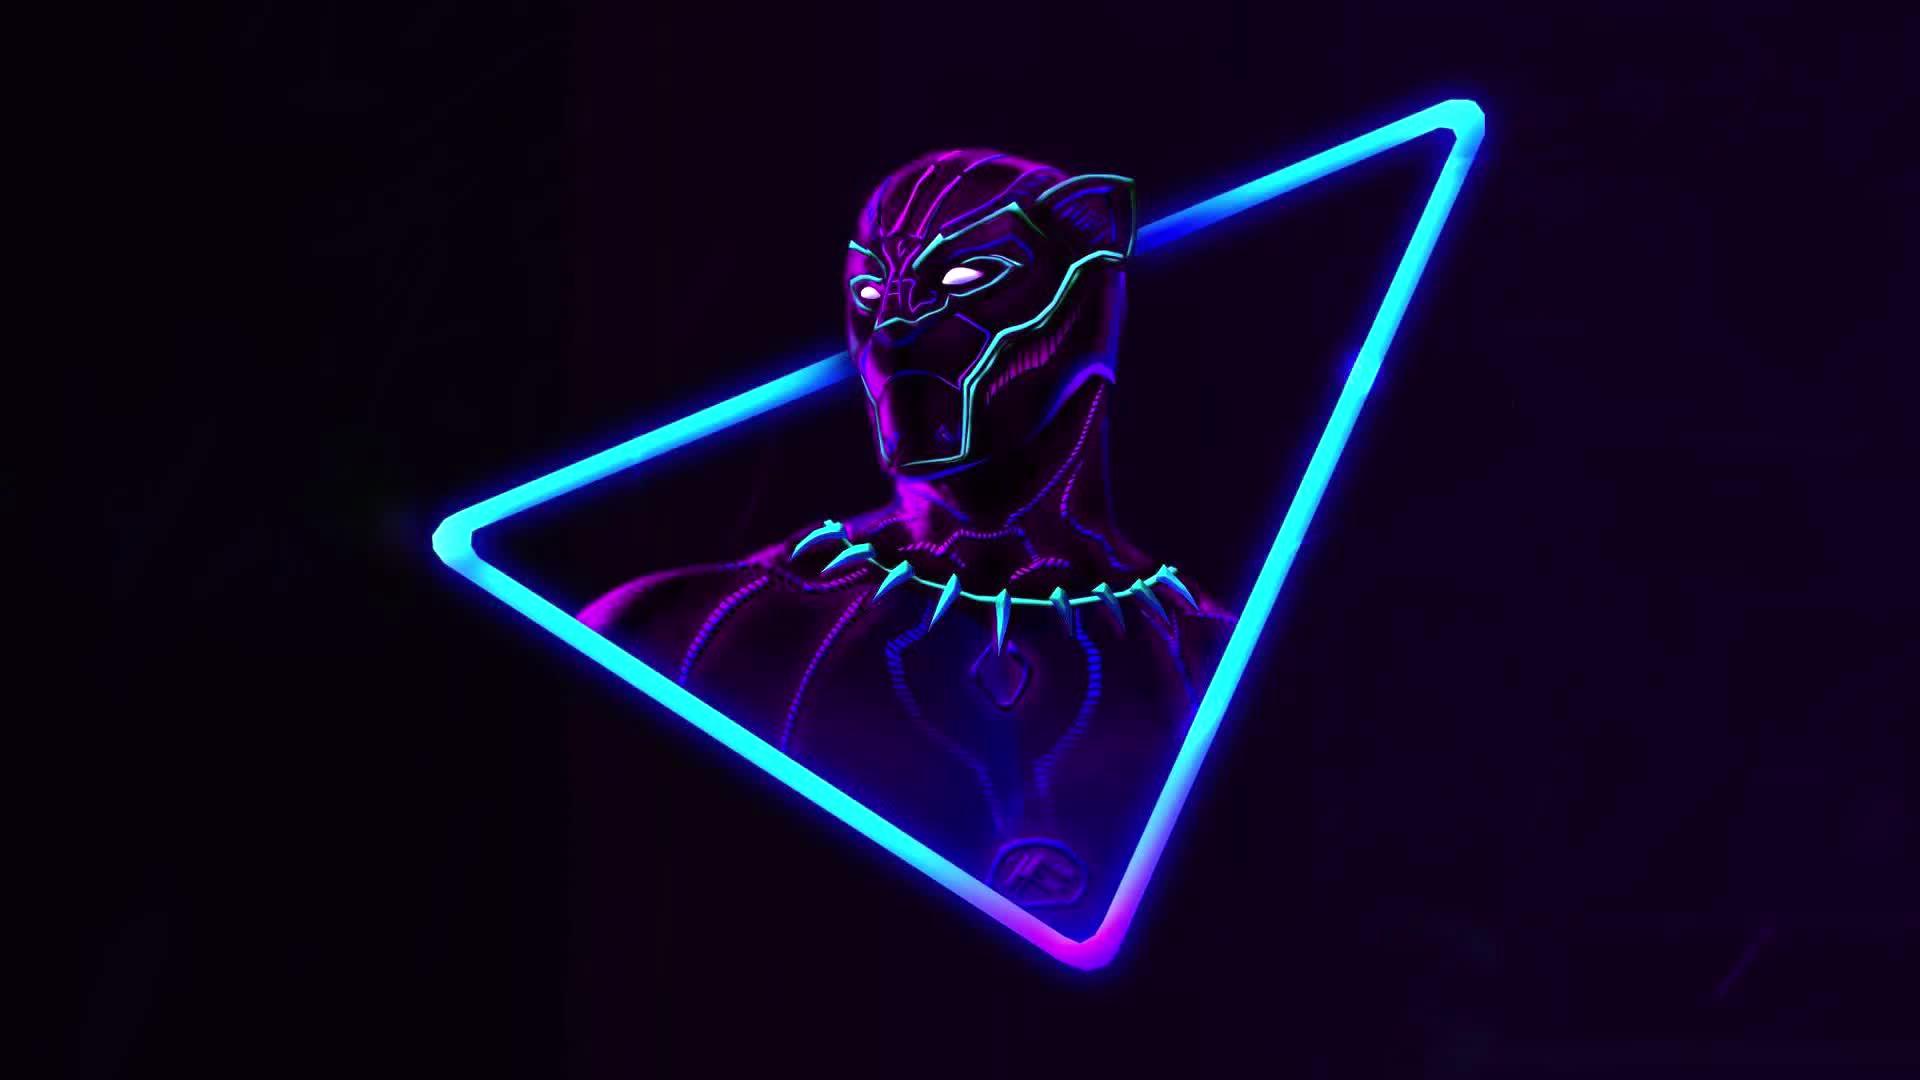 Чёрная пантера от Marvel - живые обои